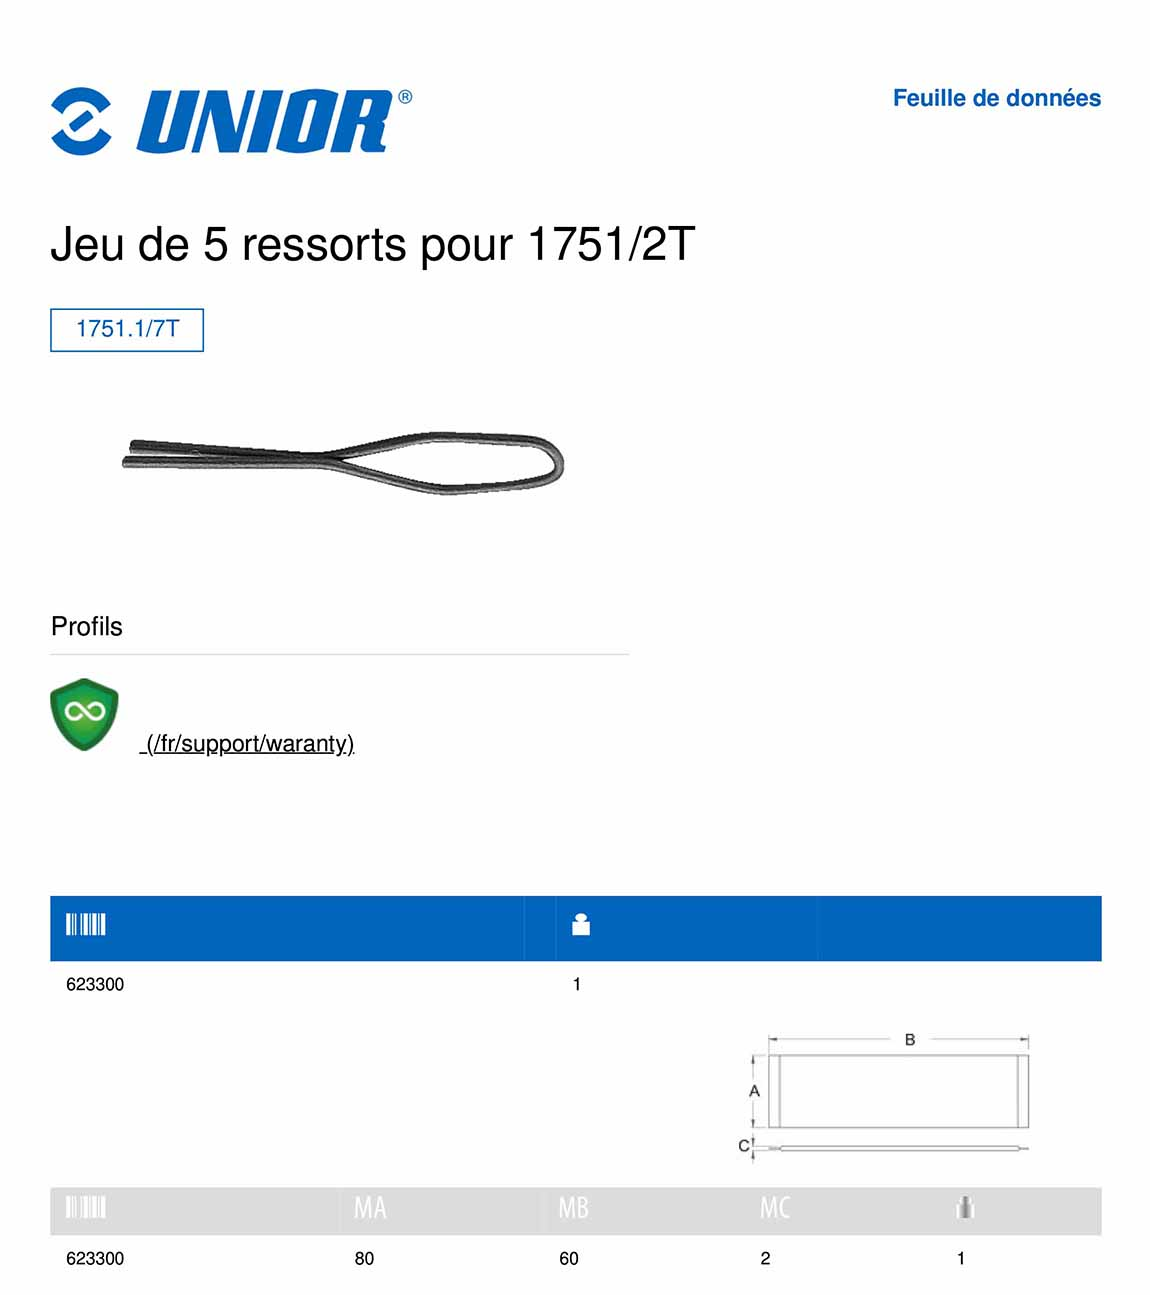 fiche technique du lot de 5 ressorts de la clé à rayon unior 1751/2T